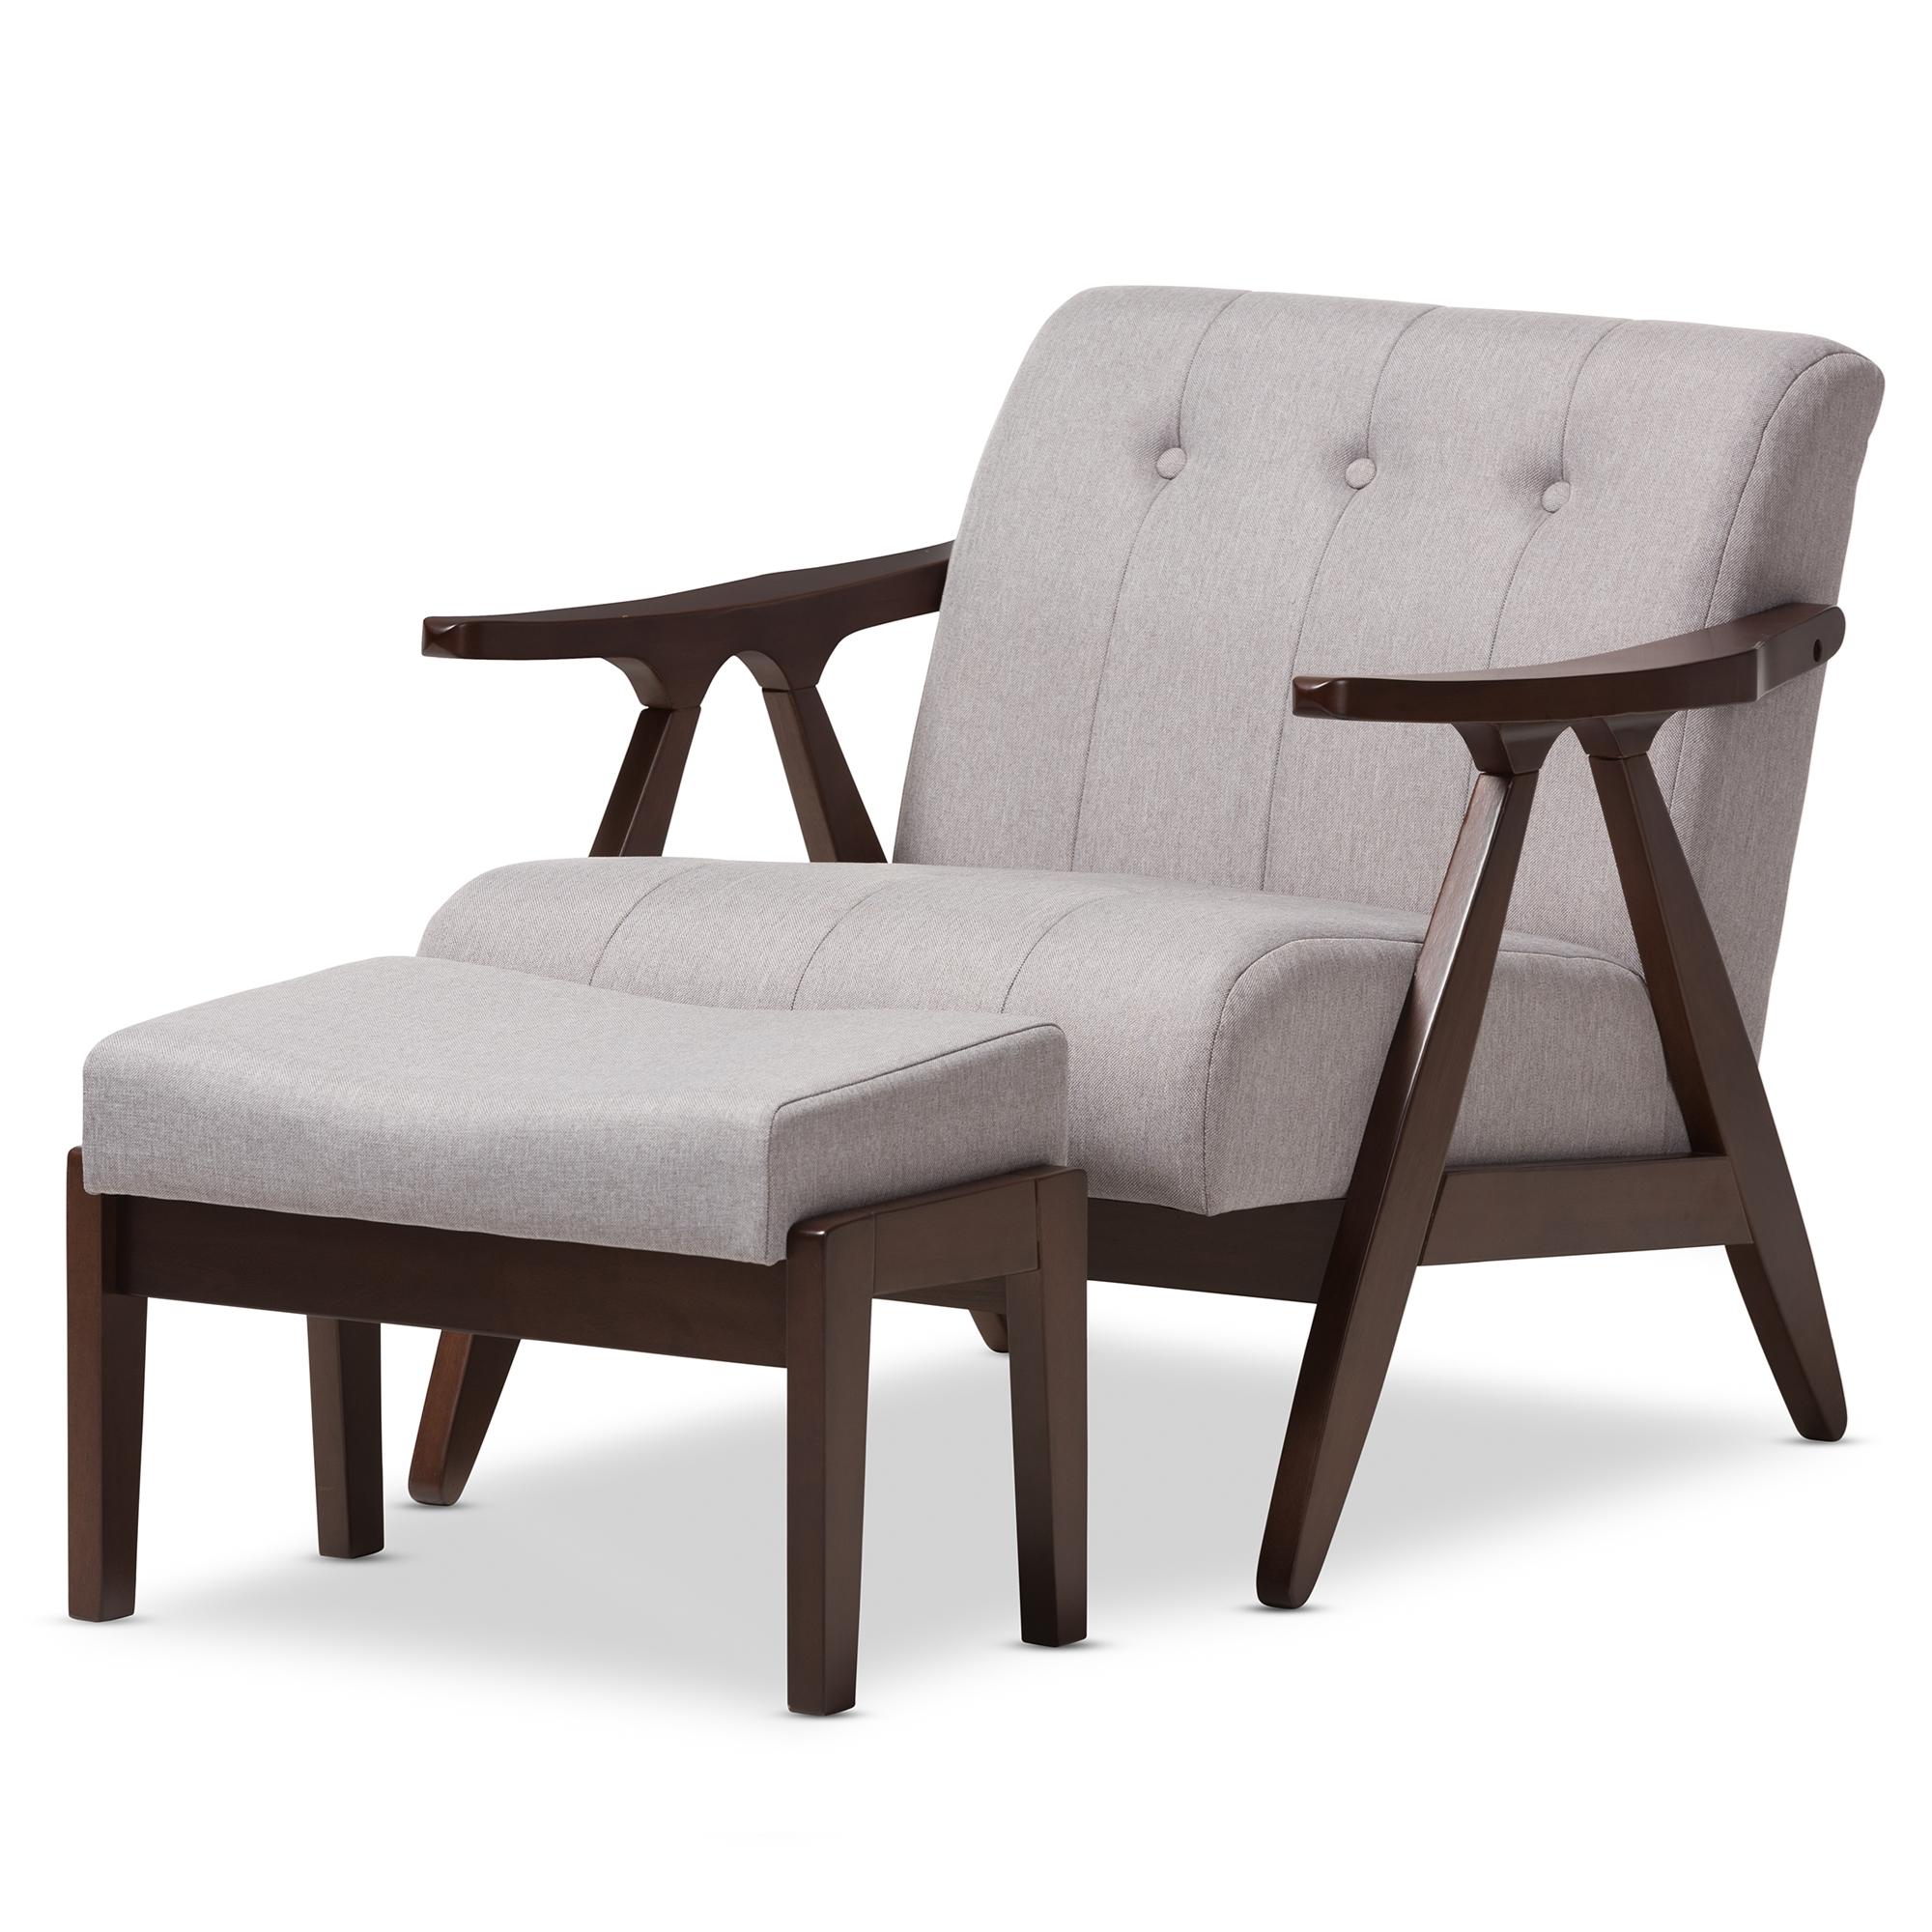 Baxton Studio Enya Mid Century Modern Walnut Wood Grey Fabric Lounge Chair  Set Affordable Modern